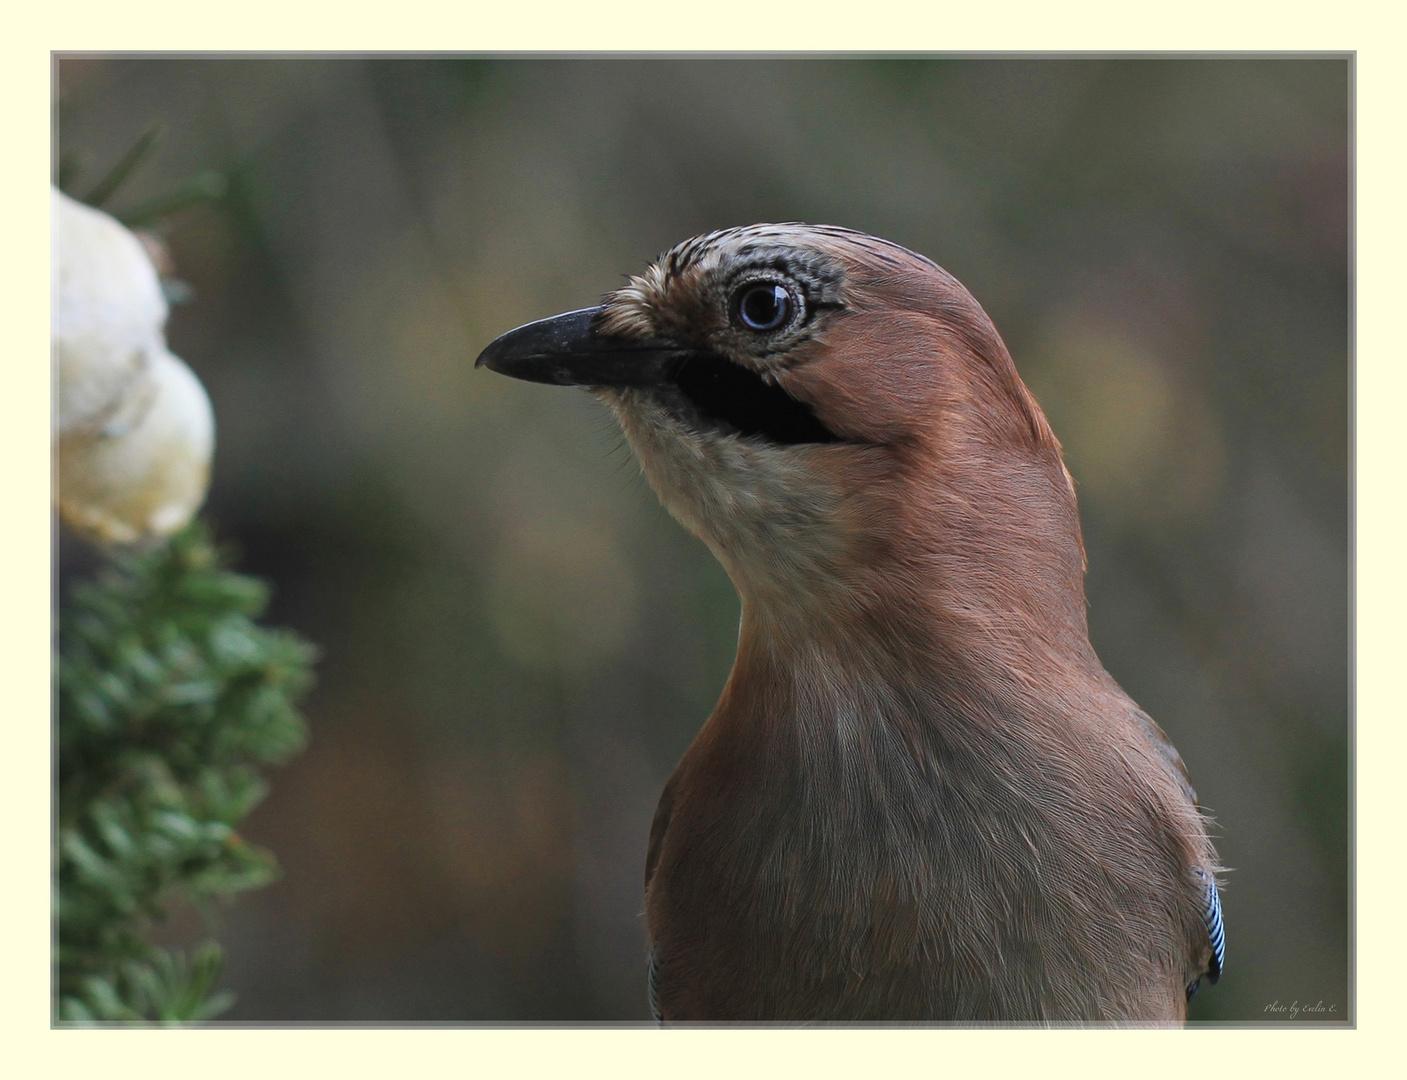 Ein hübscher Vogel